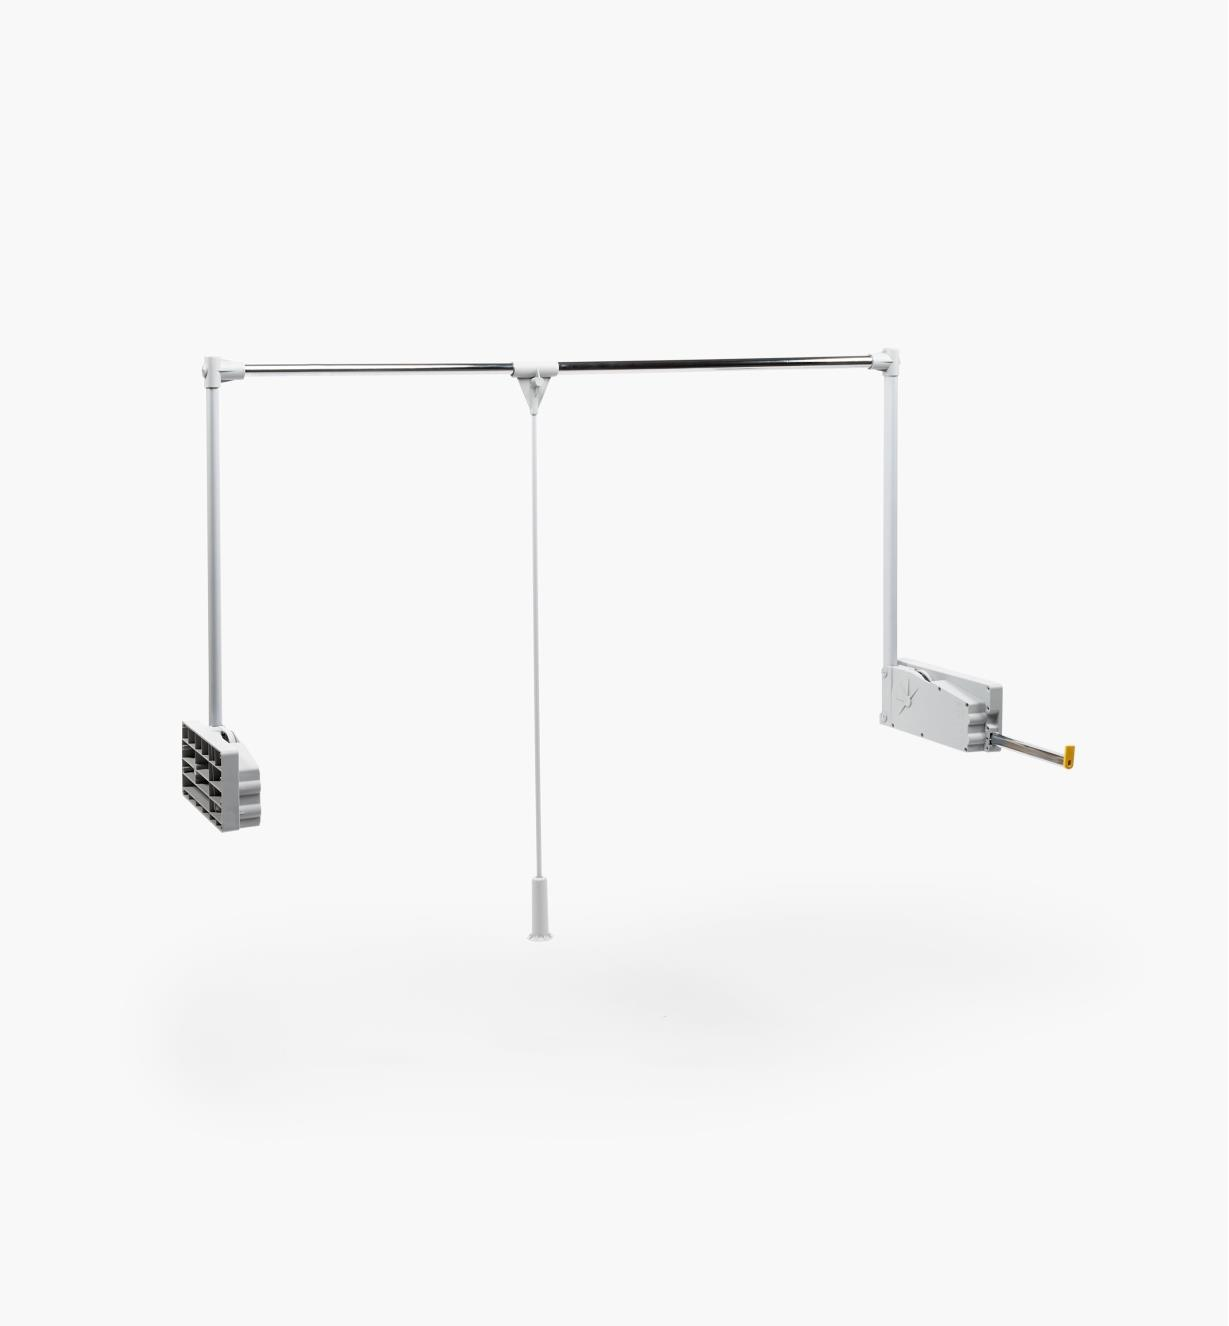 12K1810 - Tringle escamotable, 22lb (10kg) de charge maximale